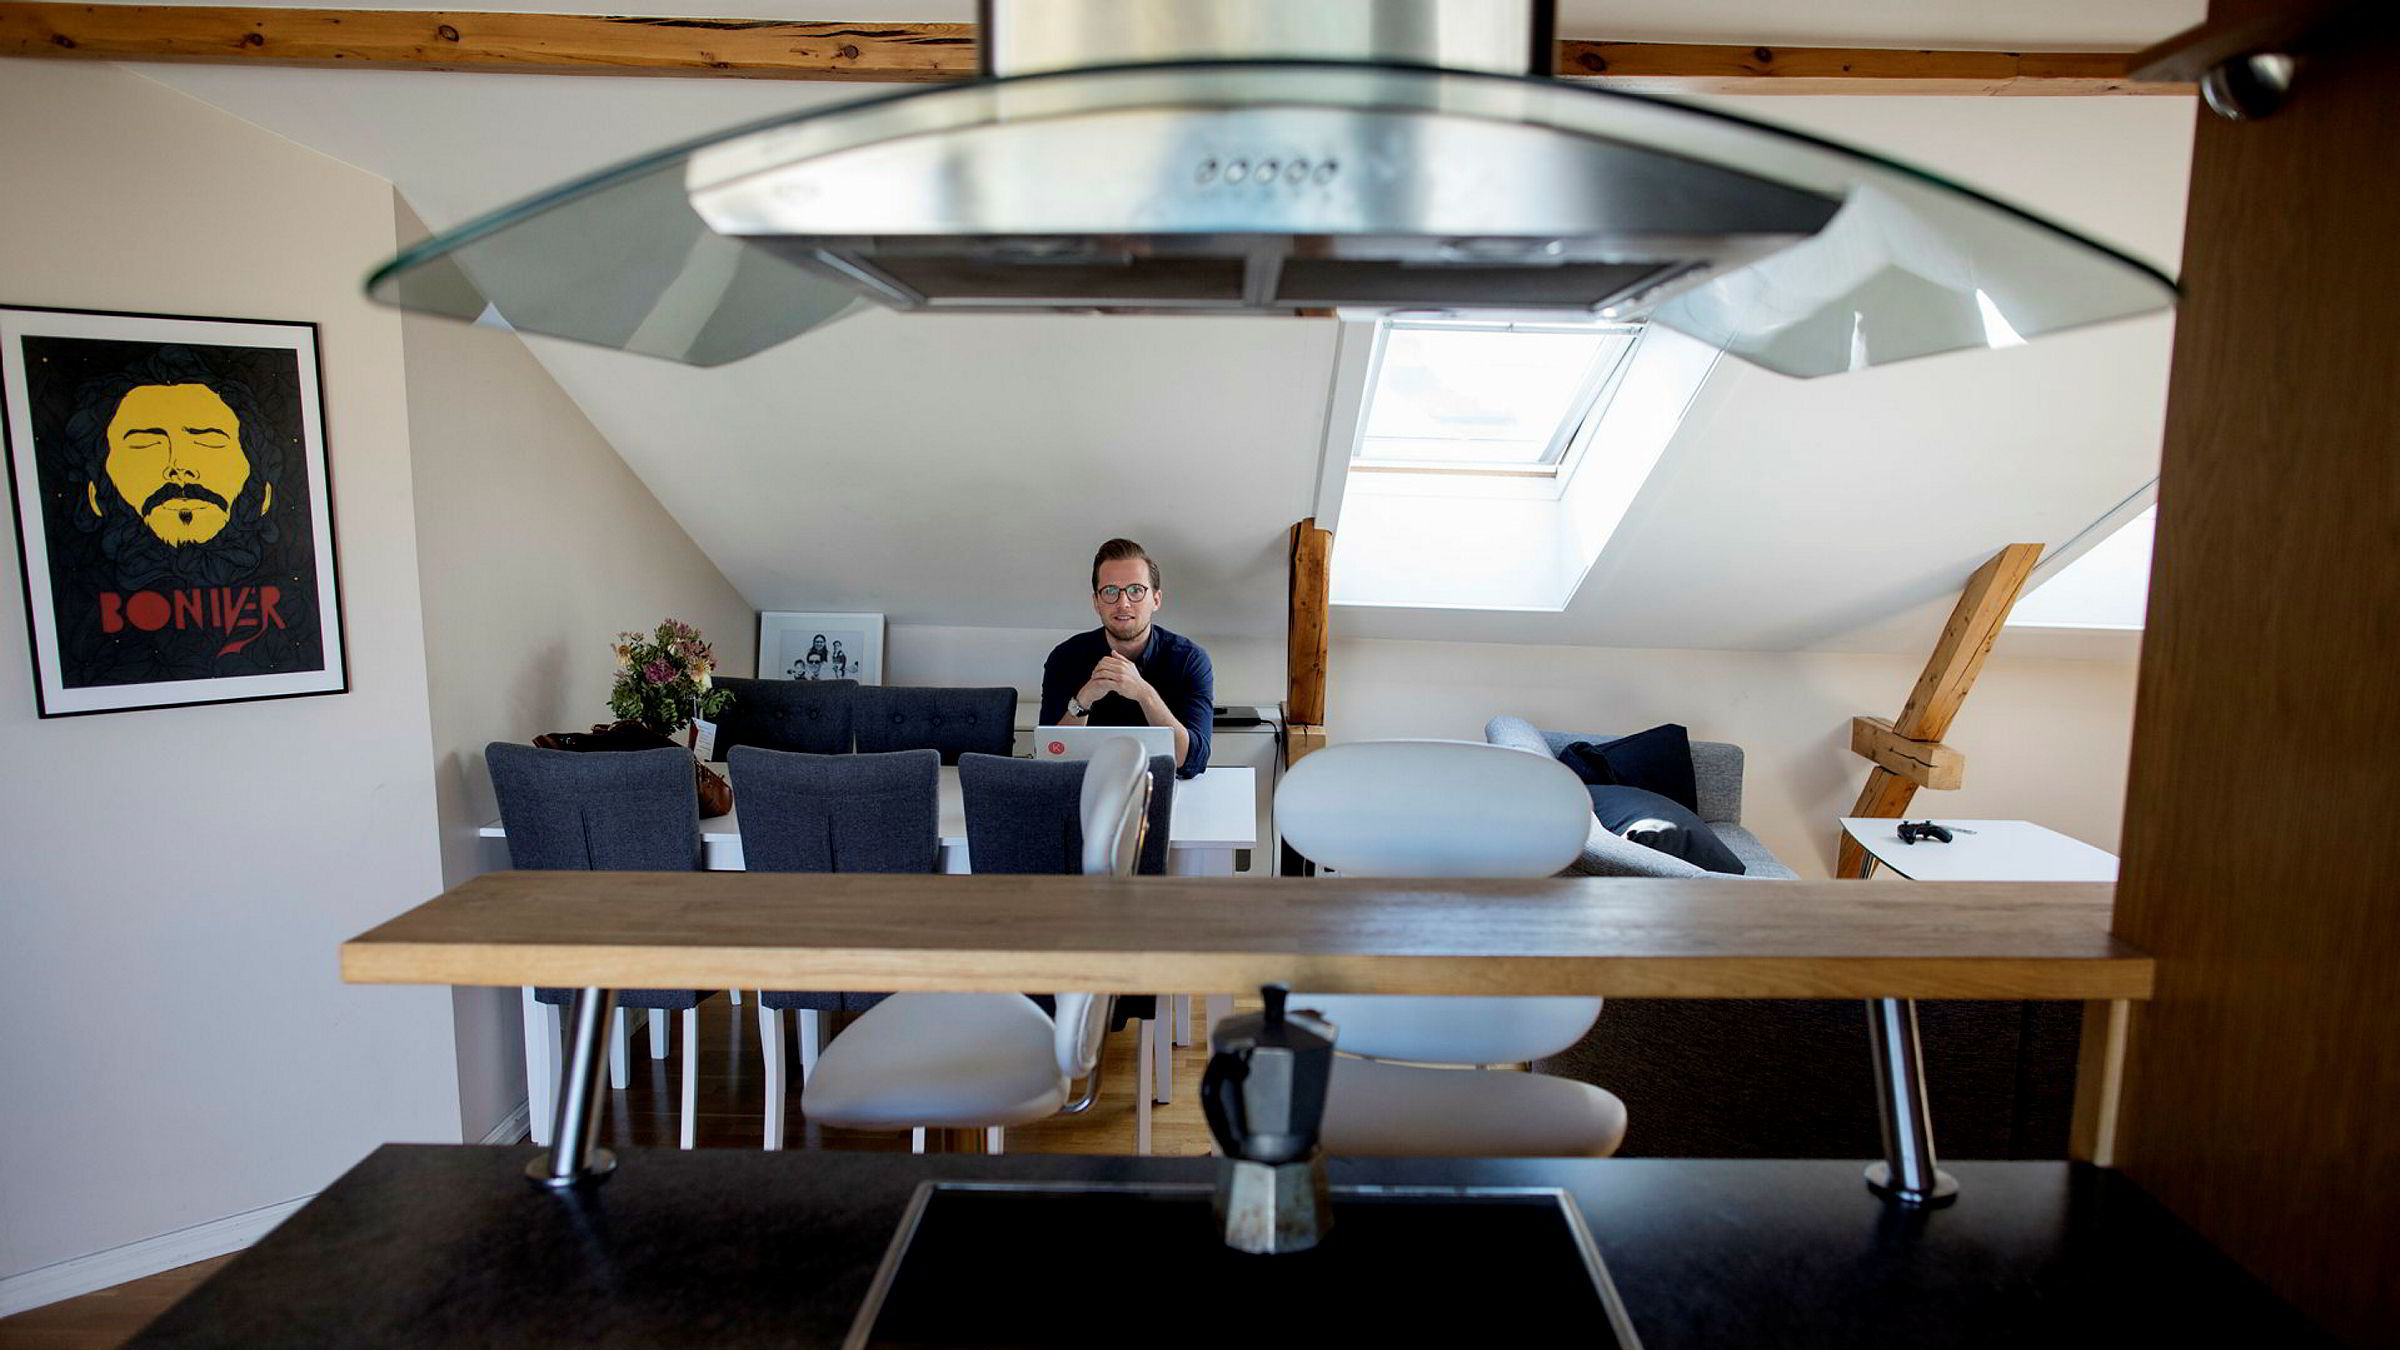 Krister Koen (29) utviklet selskapet Bolink ved siden av fulltidsjobben i Tieto, sammen med kompisen Joakim Dahlen, som han også bor med på Grünerløkka.– Vi hadde ingen garasje å starte opp i. Da ble leiligheten i Trondheimsveien kontoret vårt, sier Koen.